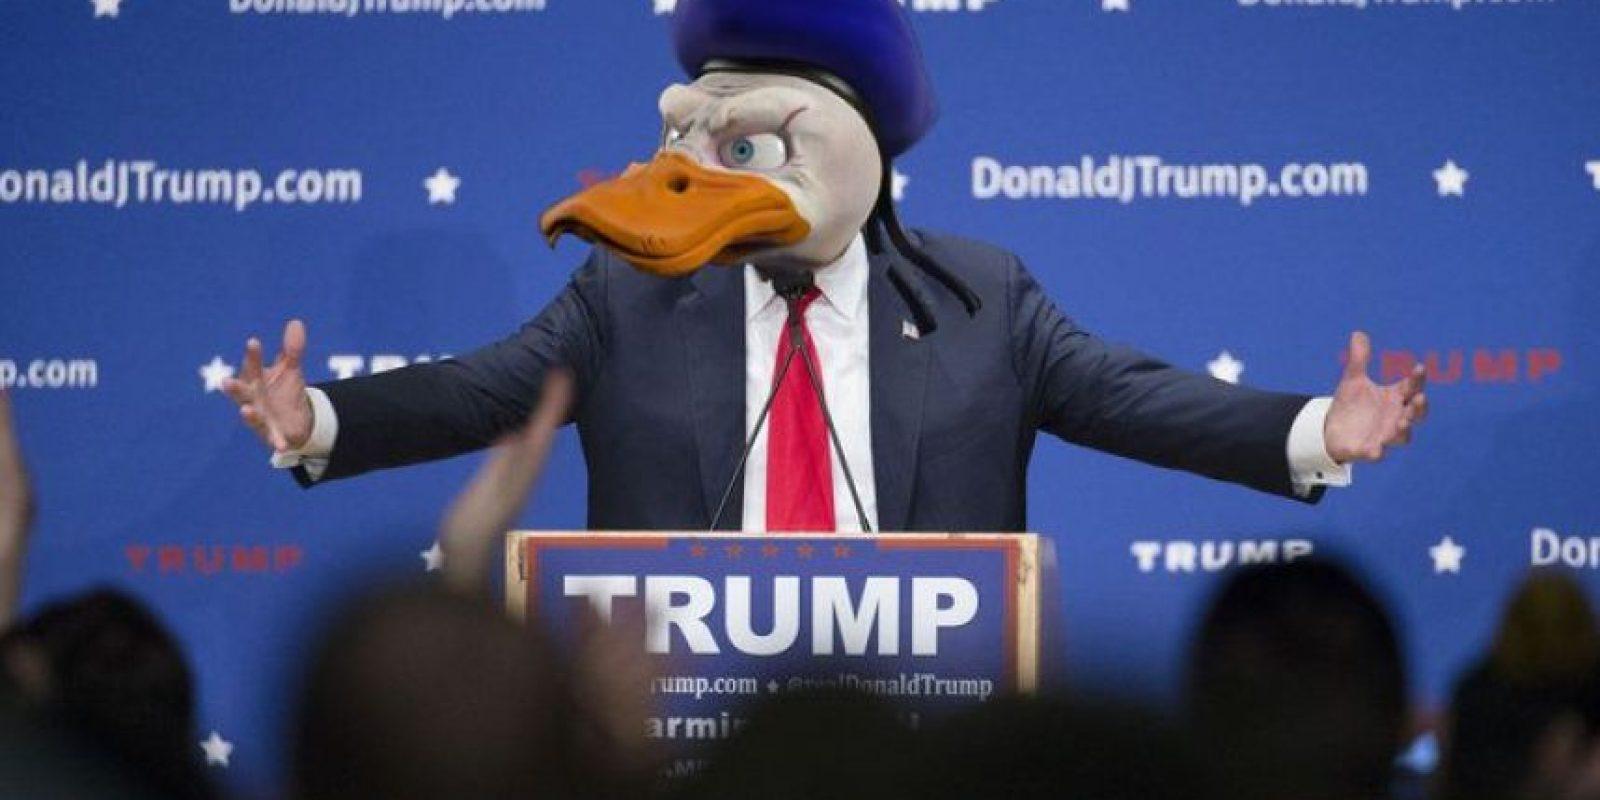 Con estas ediciones se burlan de la ira de Donald Trump Foto:Imgur / Reddit